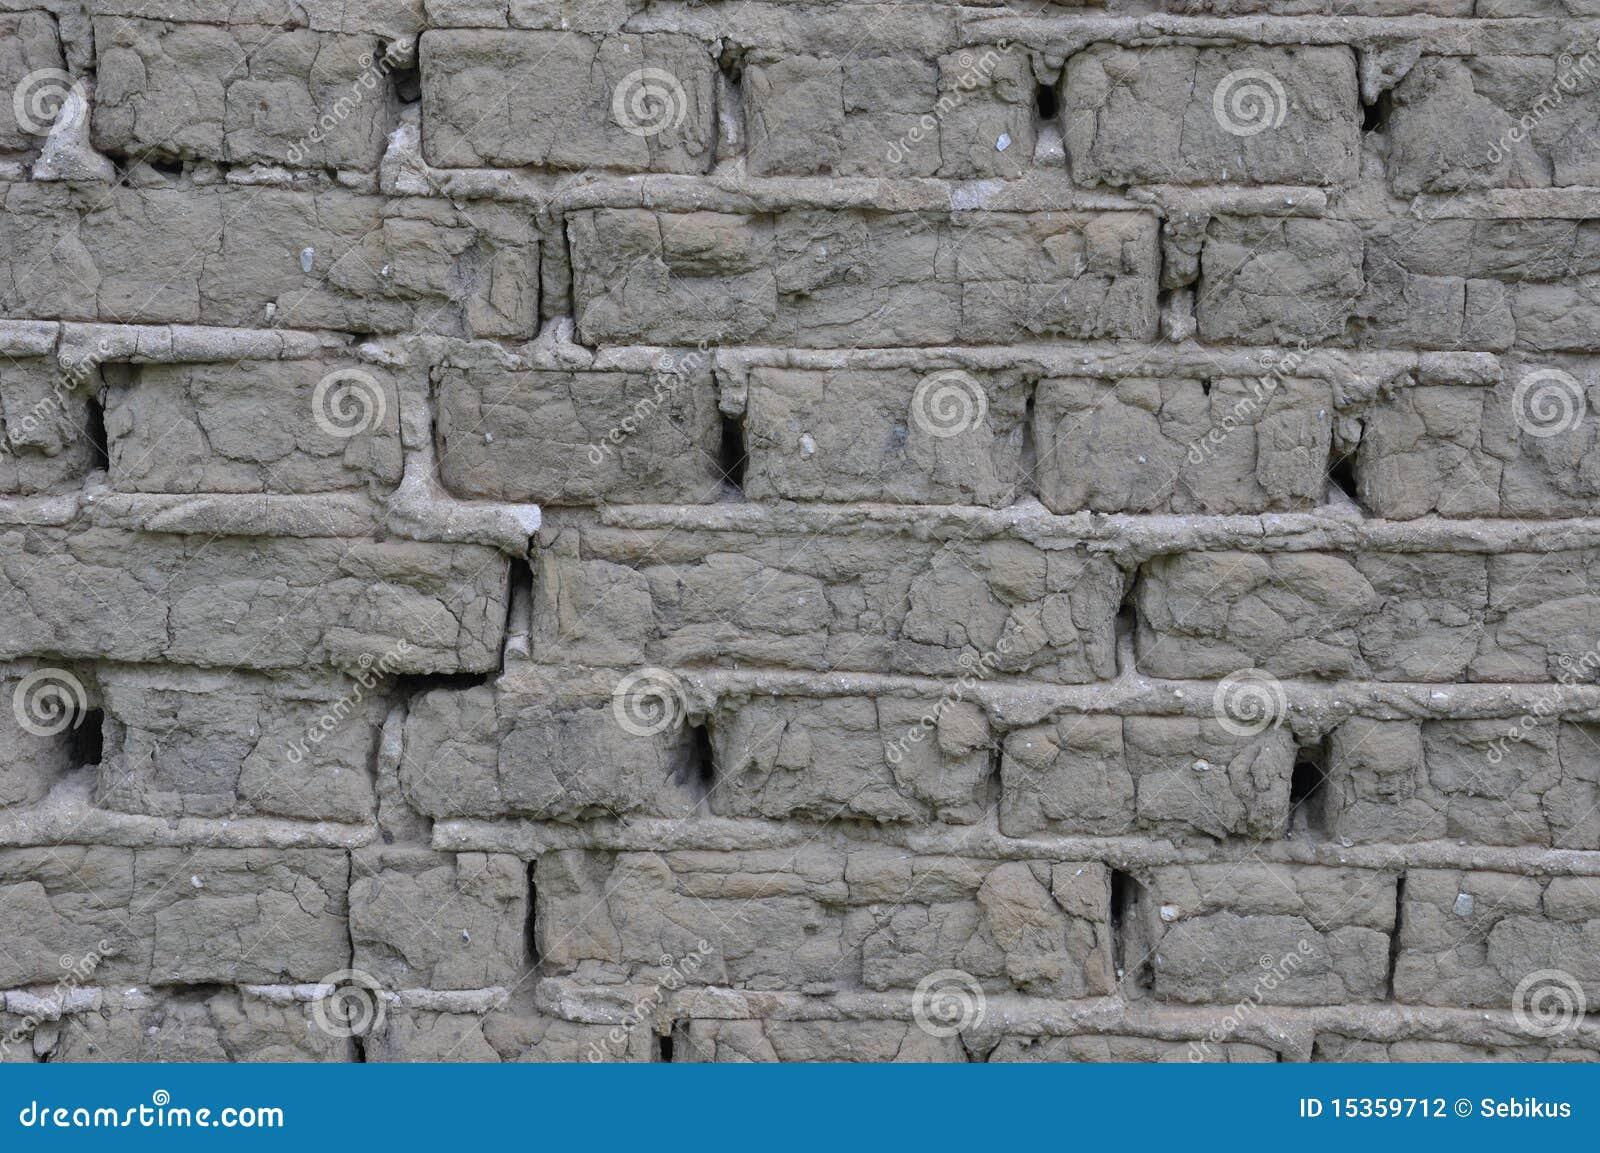 Graue ziegelsteine vom boden stockfoto bild 15359712 for Boden ziegelsteine